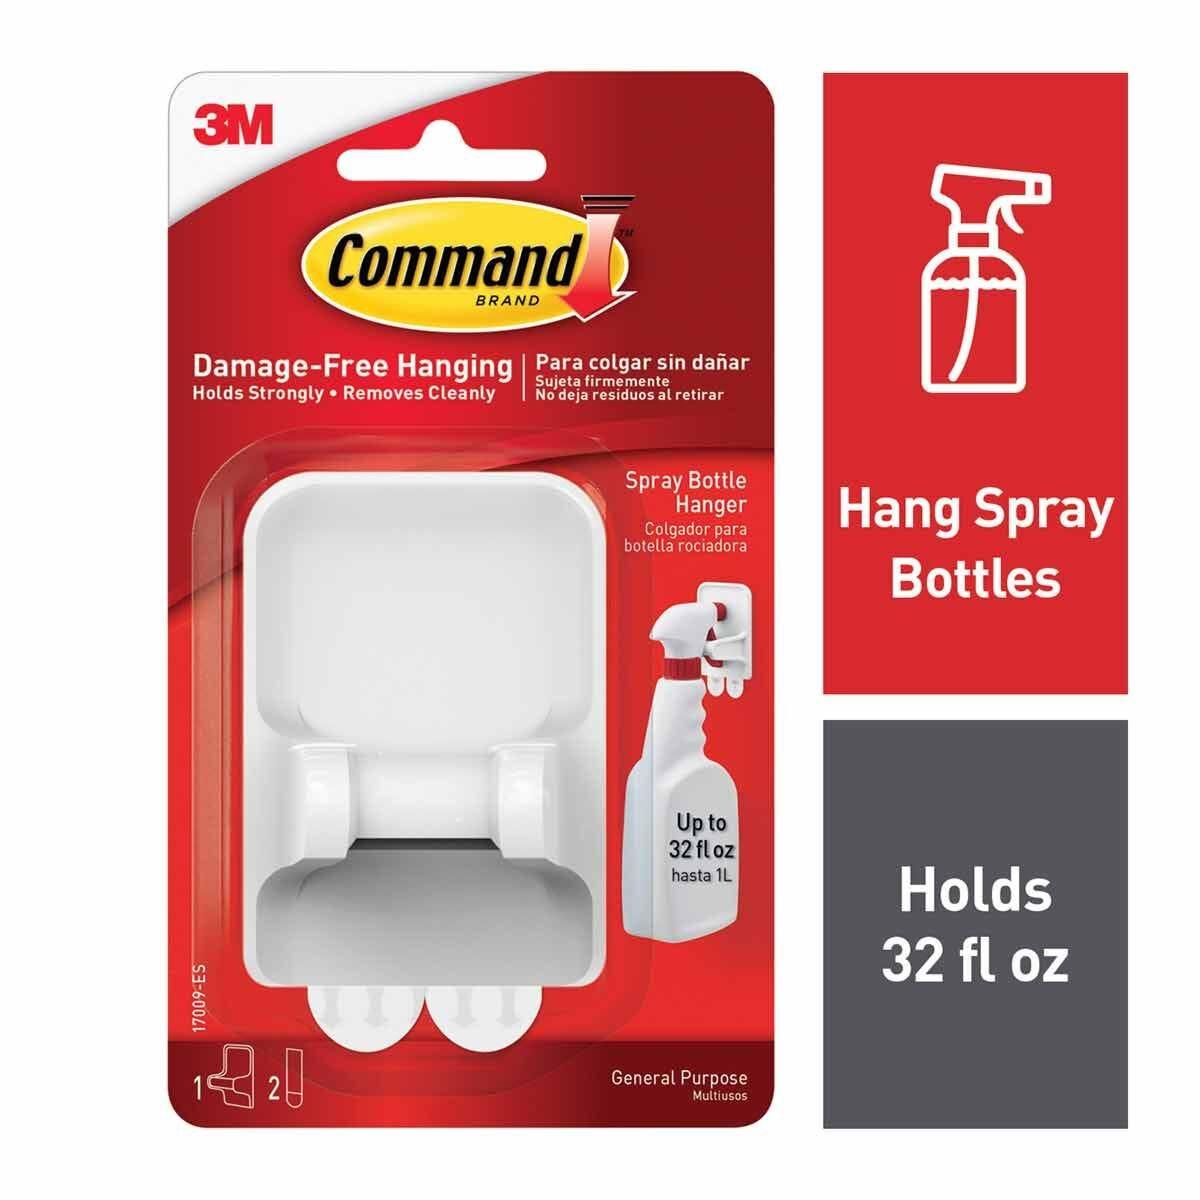 Command Spray Bottle Hanger